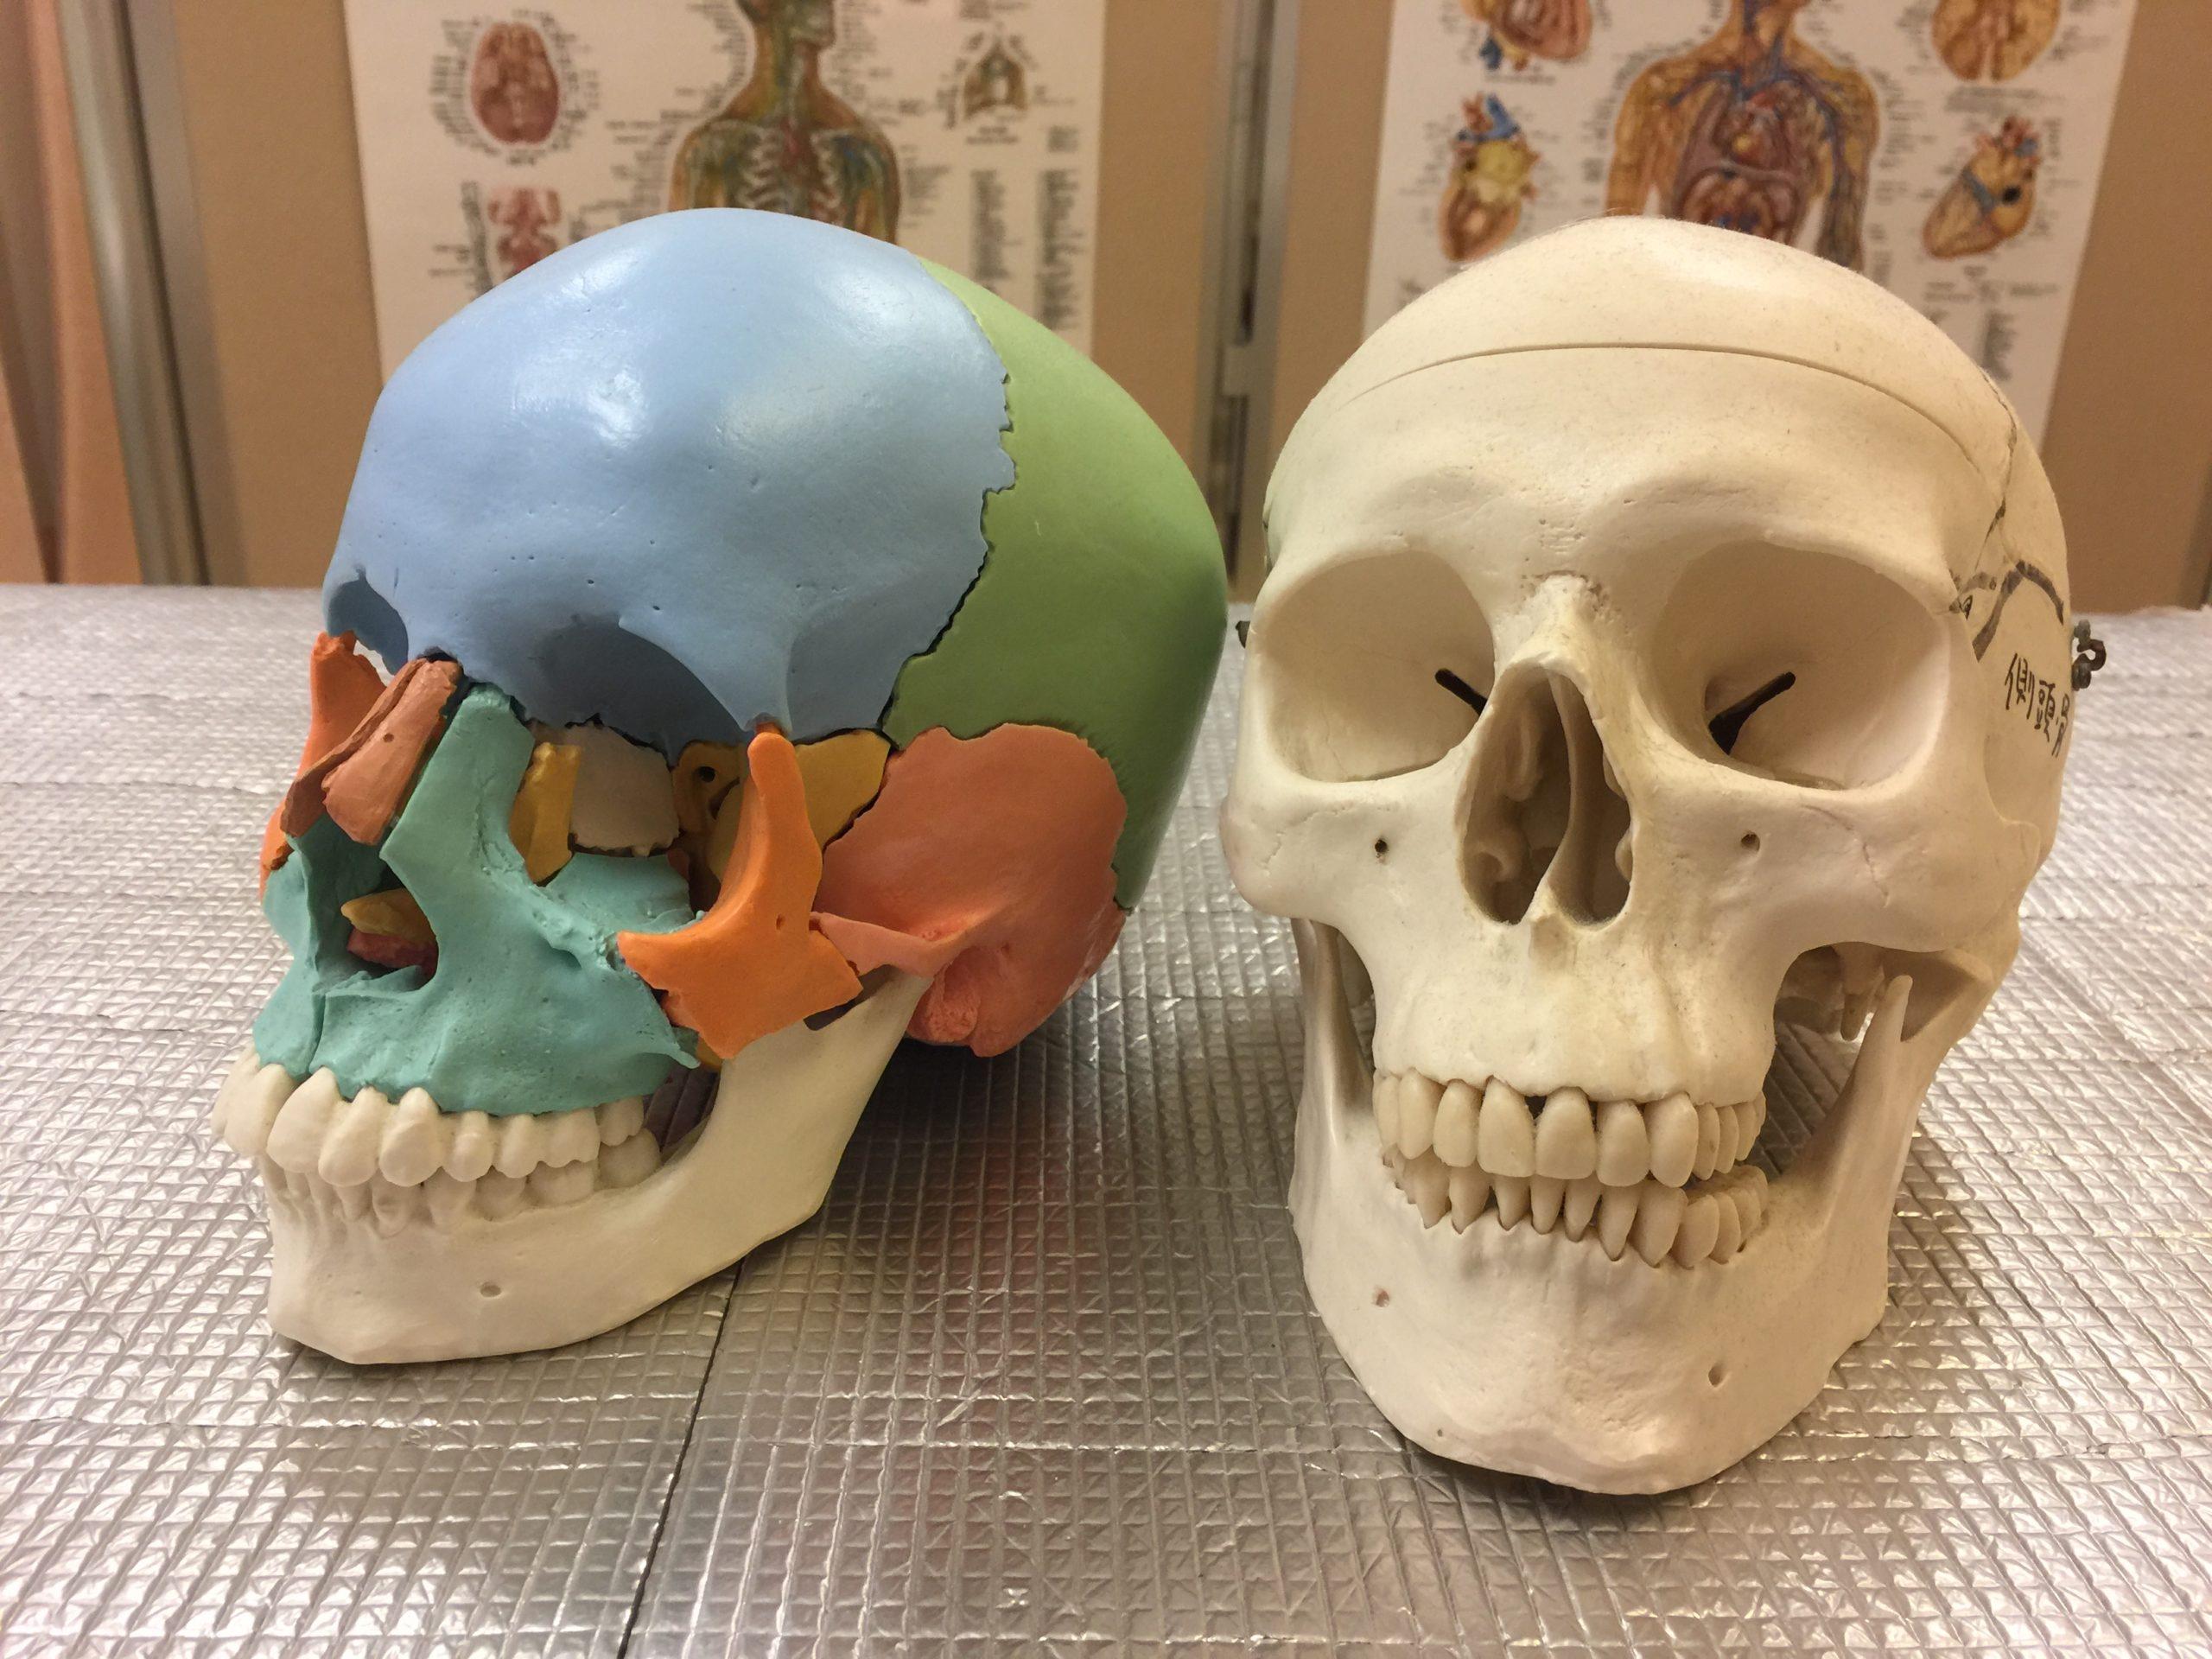 本格整体院高久 大泉学園店 頭蓋骨調整 治療の練習